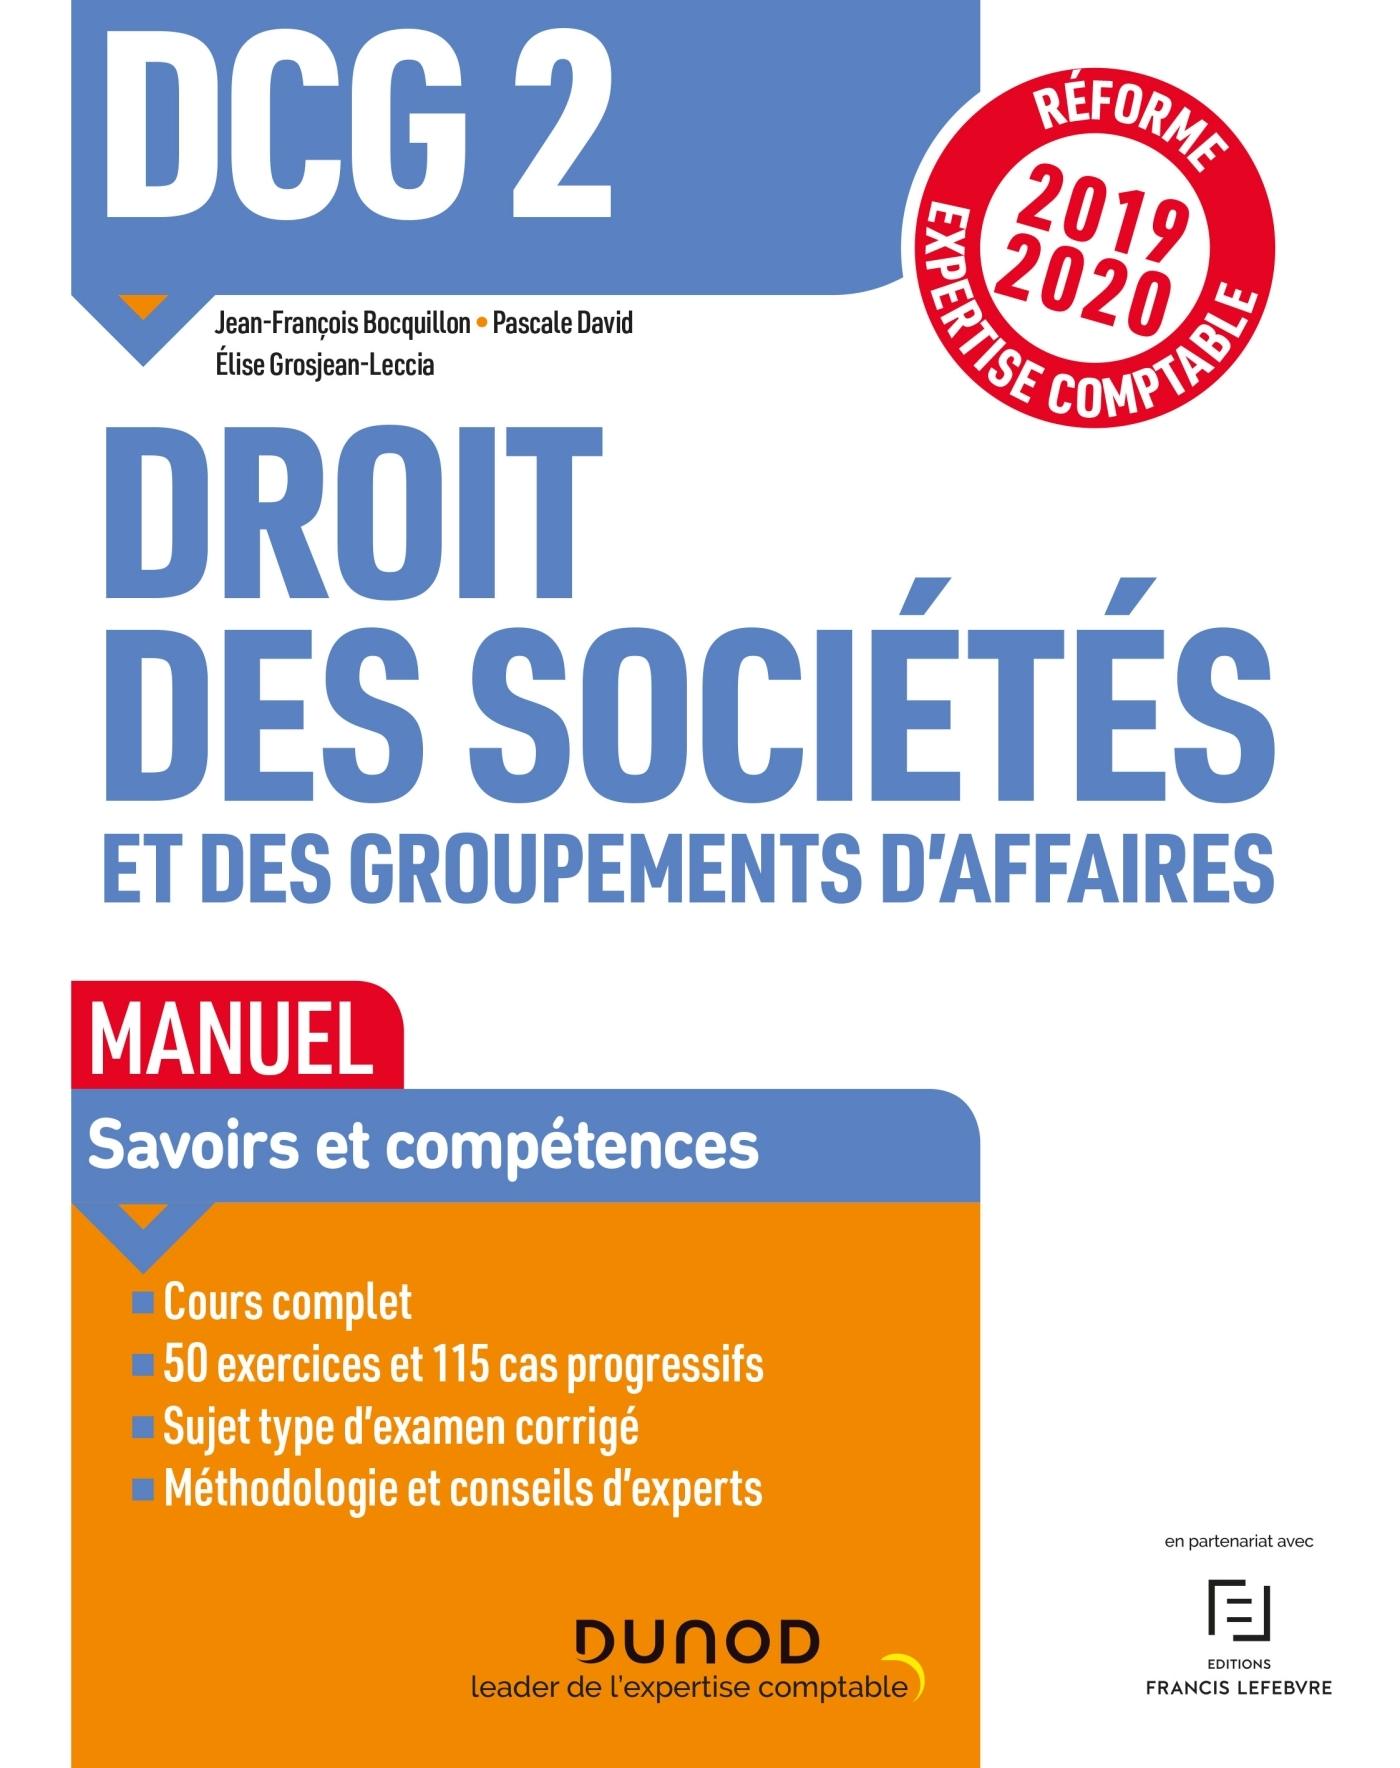 DCG 2 DROIT DES SOCIETES ET DES GROUPEMENTS D AFFAIRES - DCG 2 DROIT DES SOCIETES ET DES GROUPEMENTS